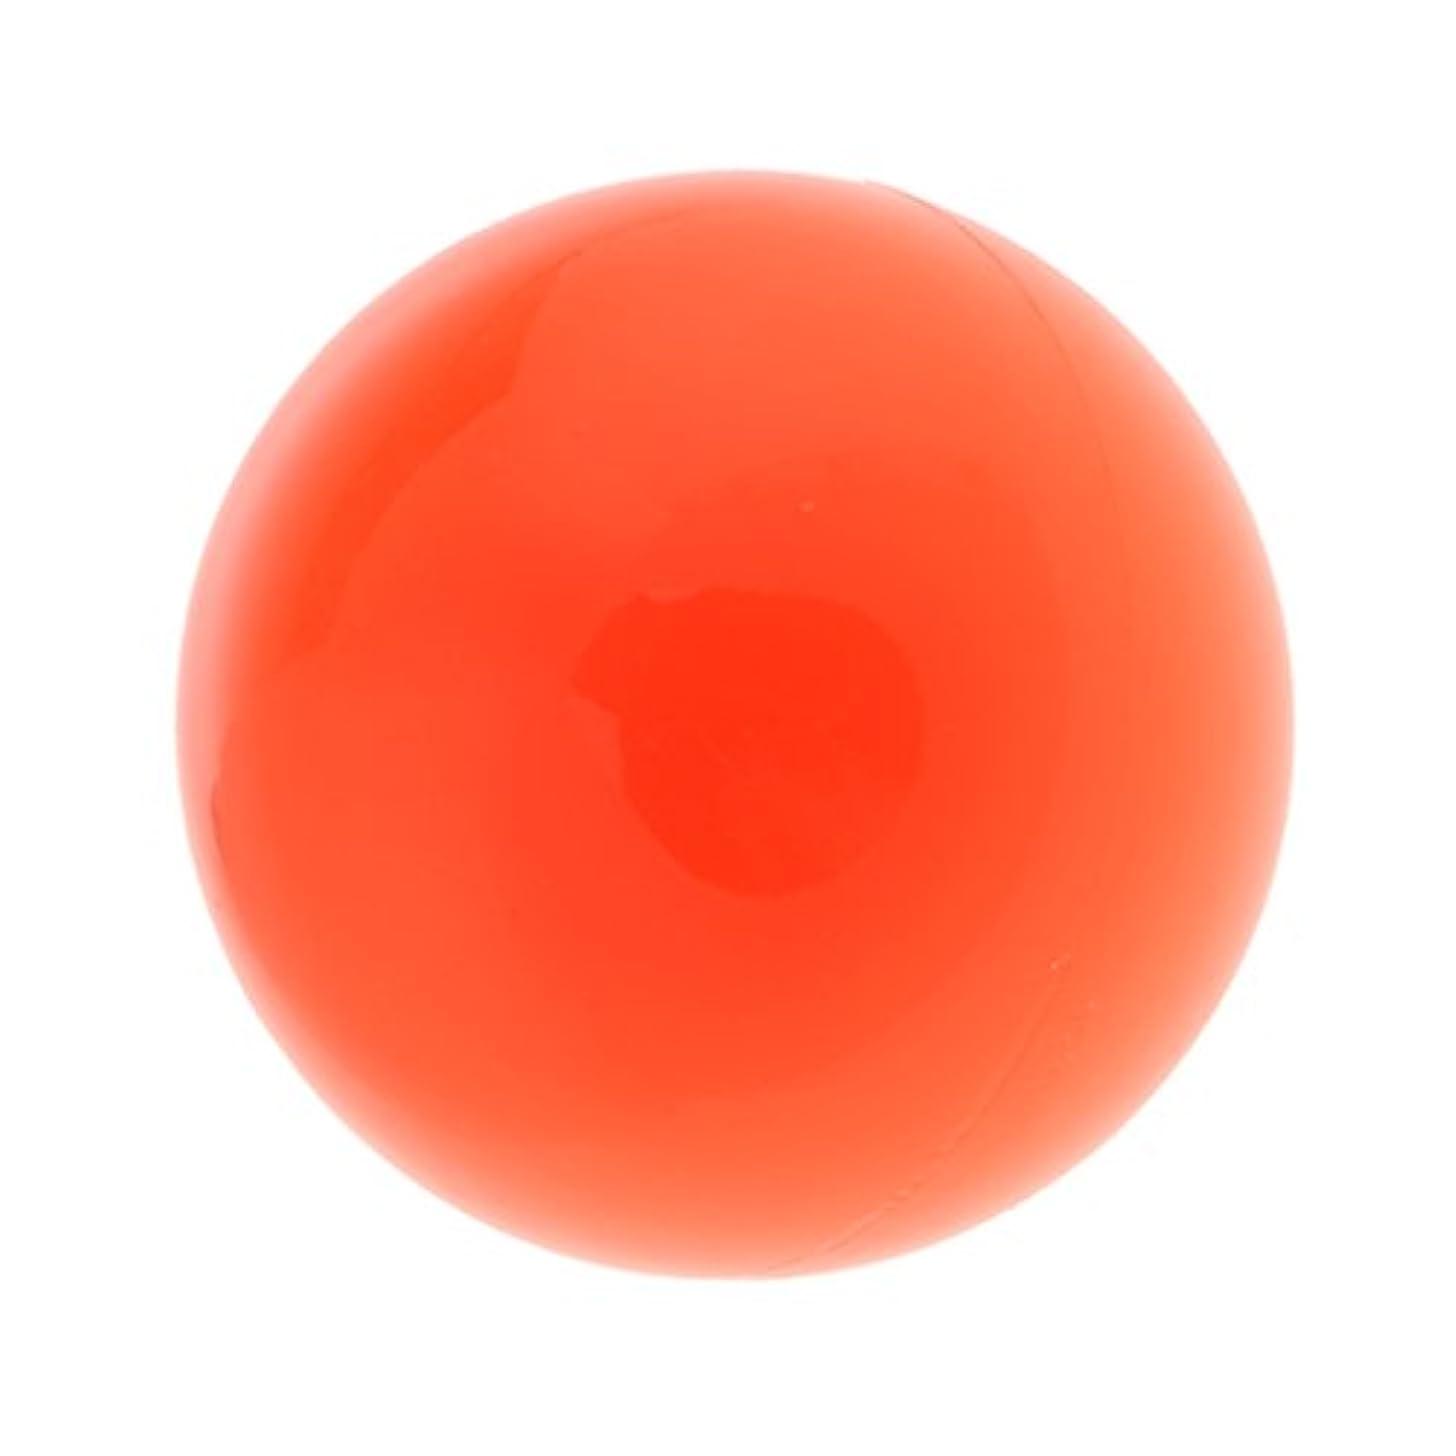 遅らせるあなたのものデコラティブラクロスマッサージボール マッサージボール マッサージ 手のひら 足 腕 首 背中 足首 ジム ホーム 便利 オレンジ